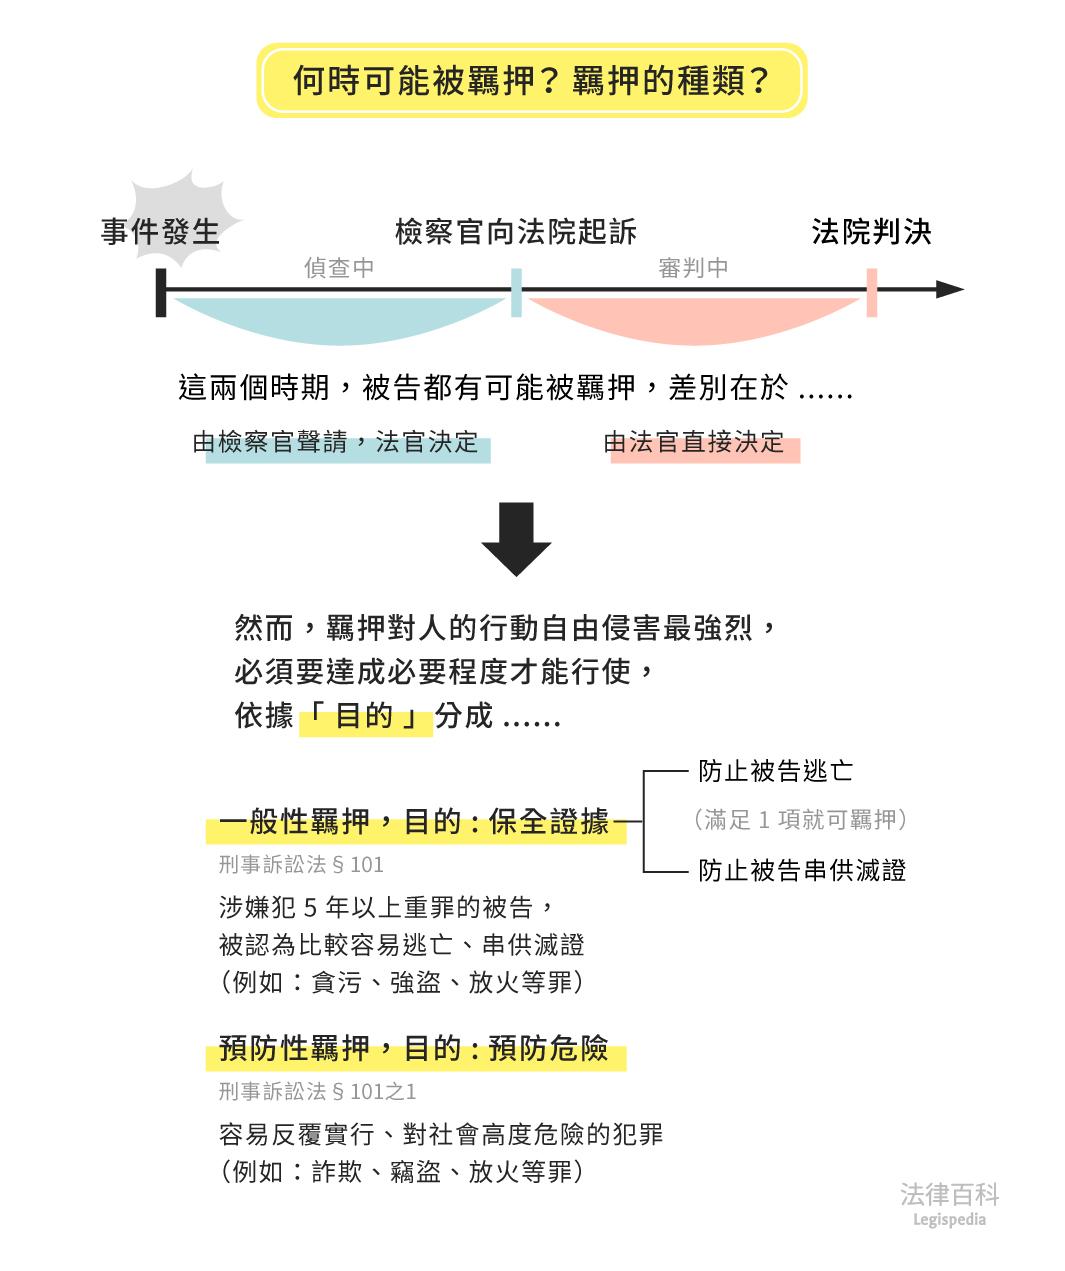 圖1 何時可能被羈押?羈押的種類?  資料來源:王子榮 / 繪圖:Yen